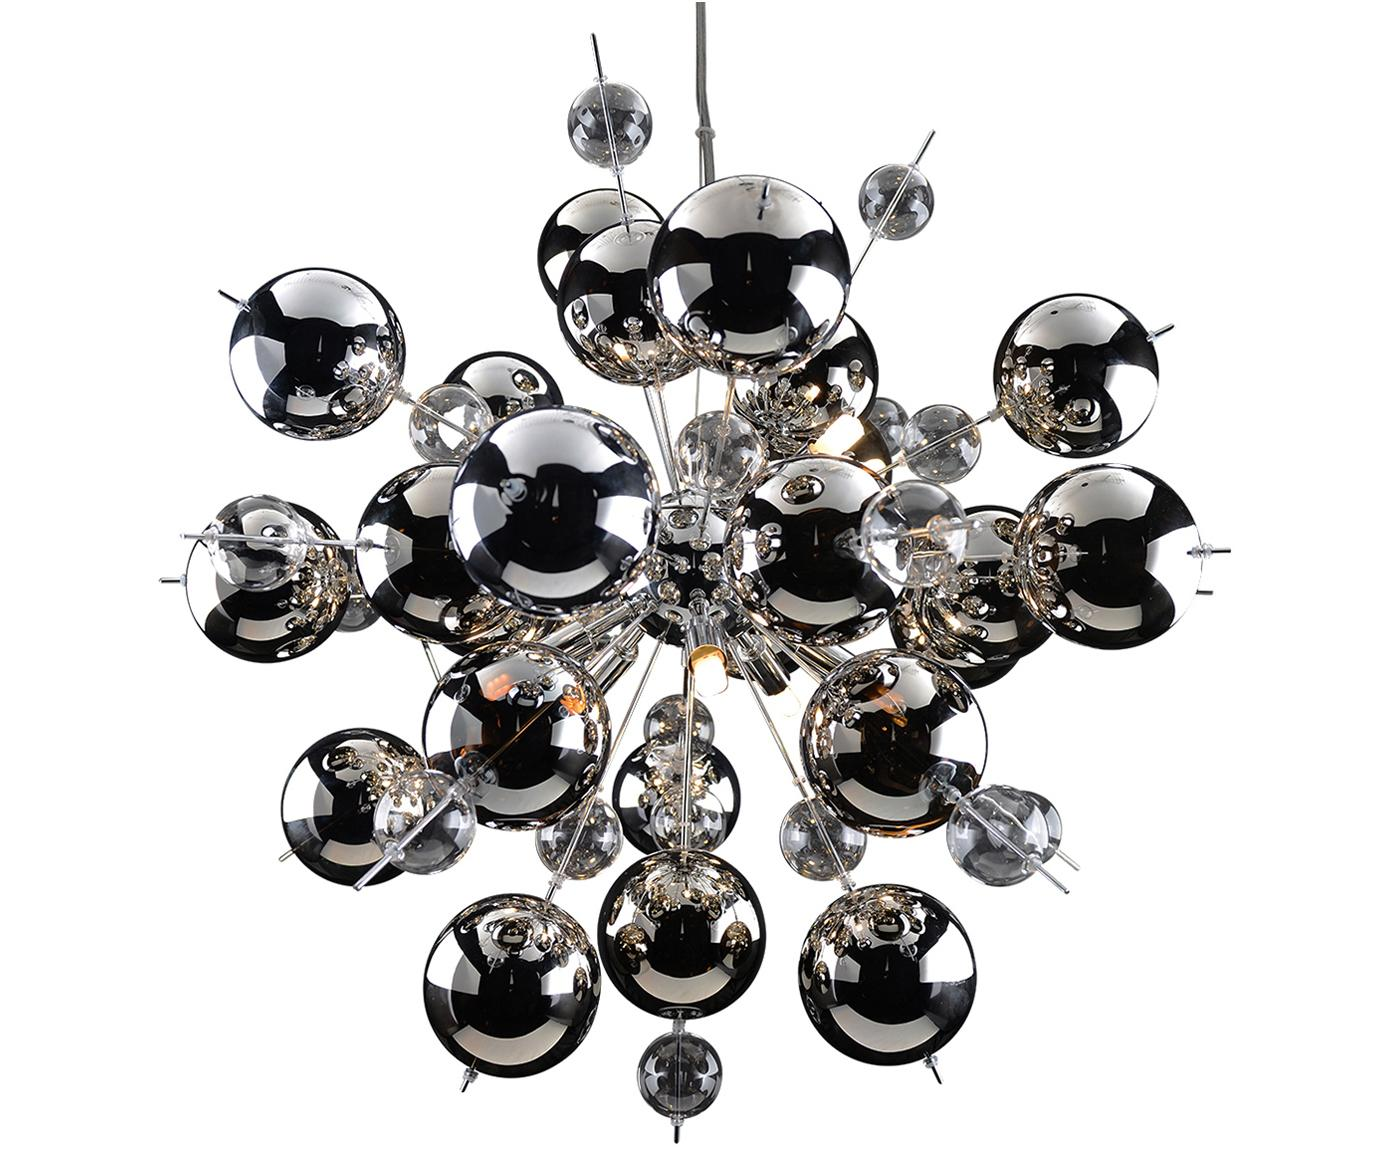 Pendelleuchte Explosion aus Glaskugeln, Baldachin: Metall, verchromt, Chrom, Ø 65 x H 65 cm